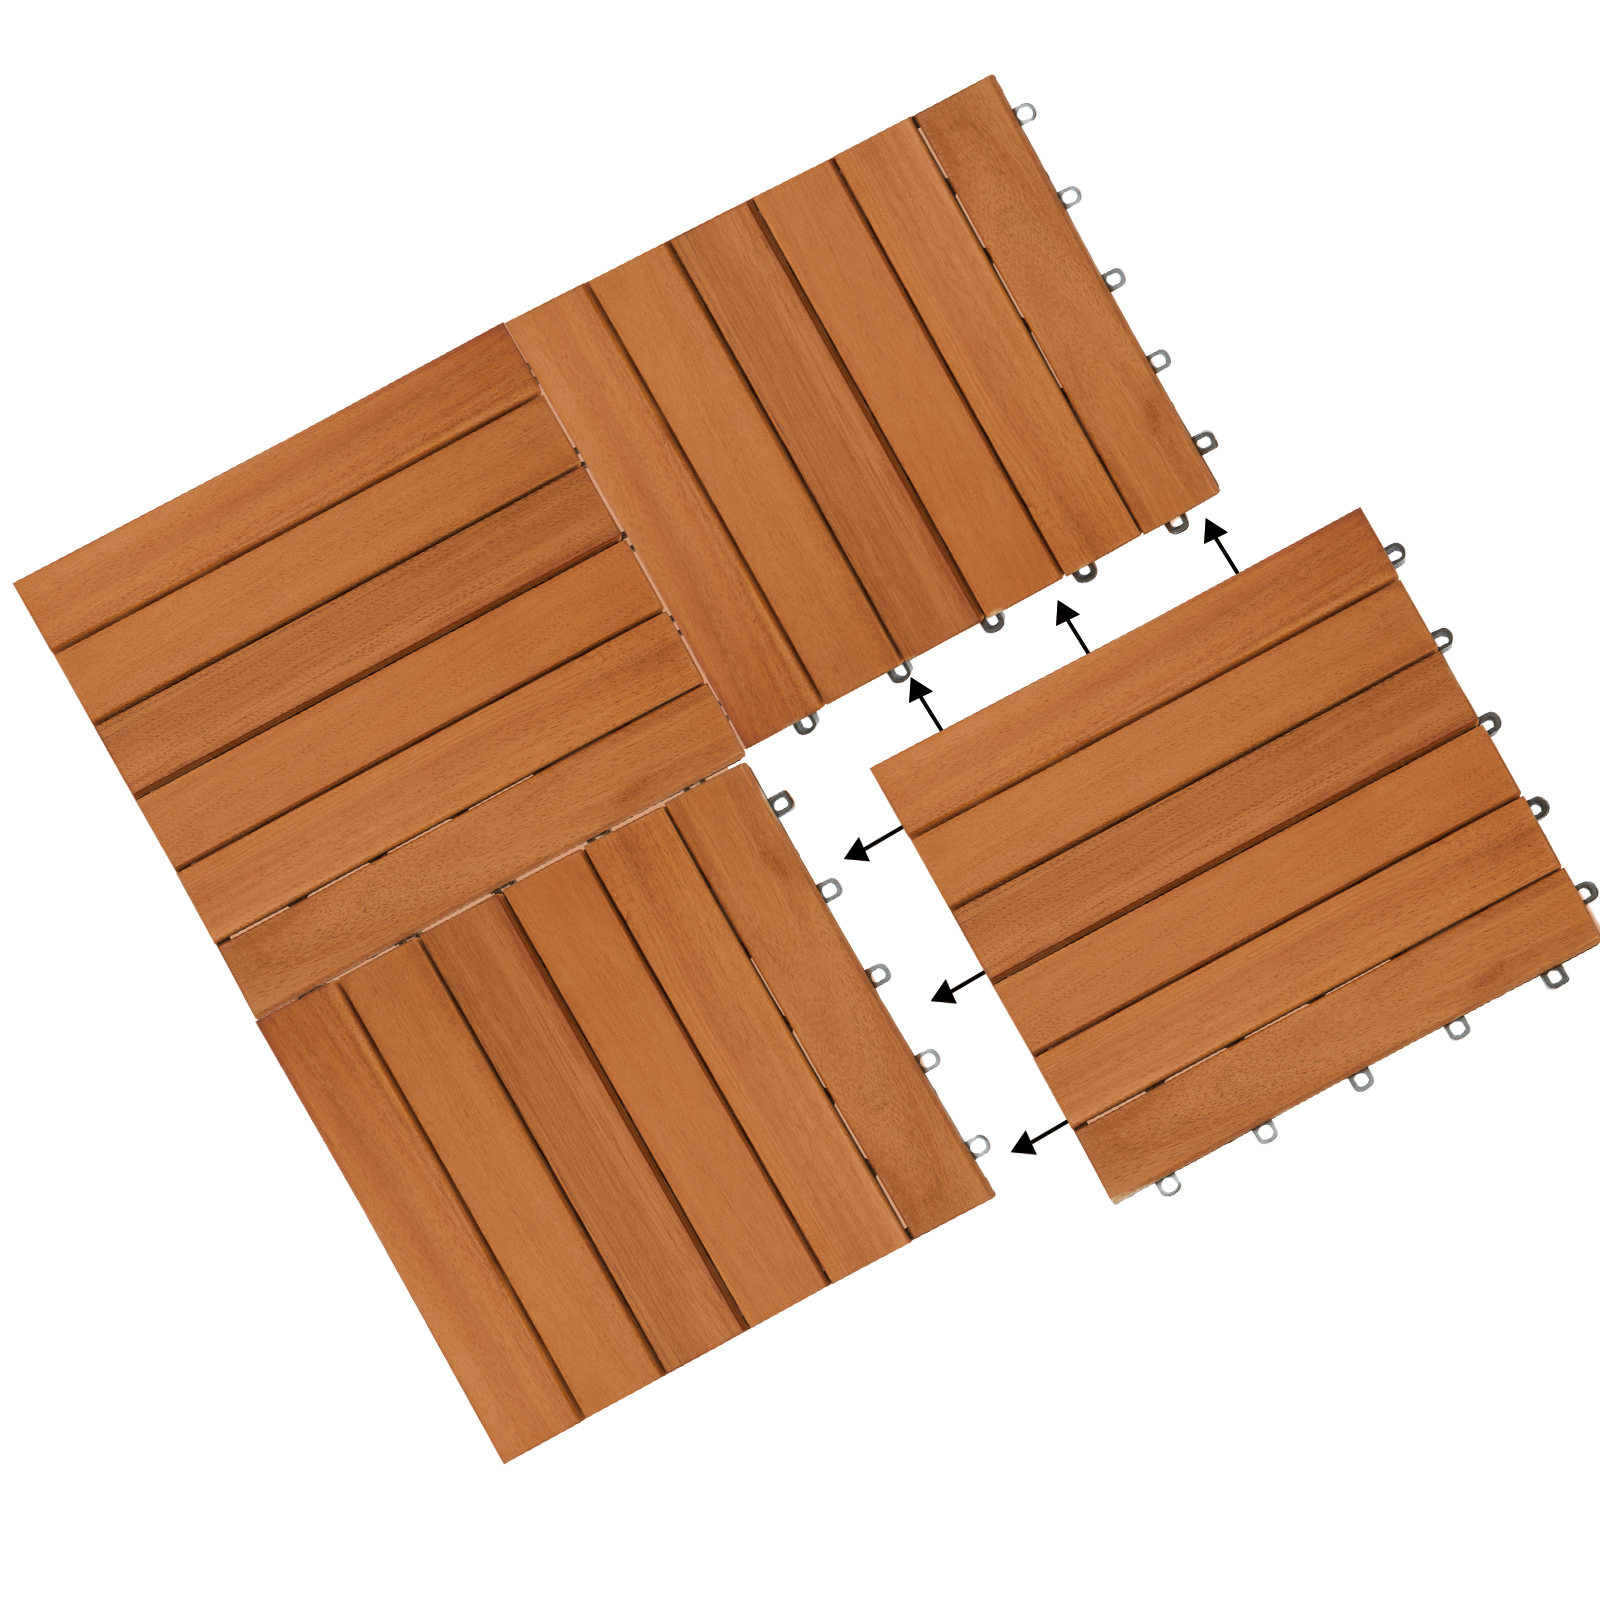 Bois Pour Terrasse Extérieure détails sur 33x dalles de terrasse en bois d'acacia pour 3m² - 30 x 30 cm  jardin extérieur